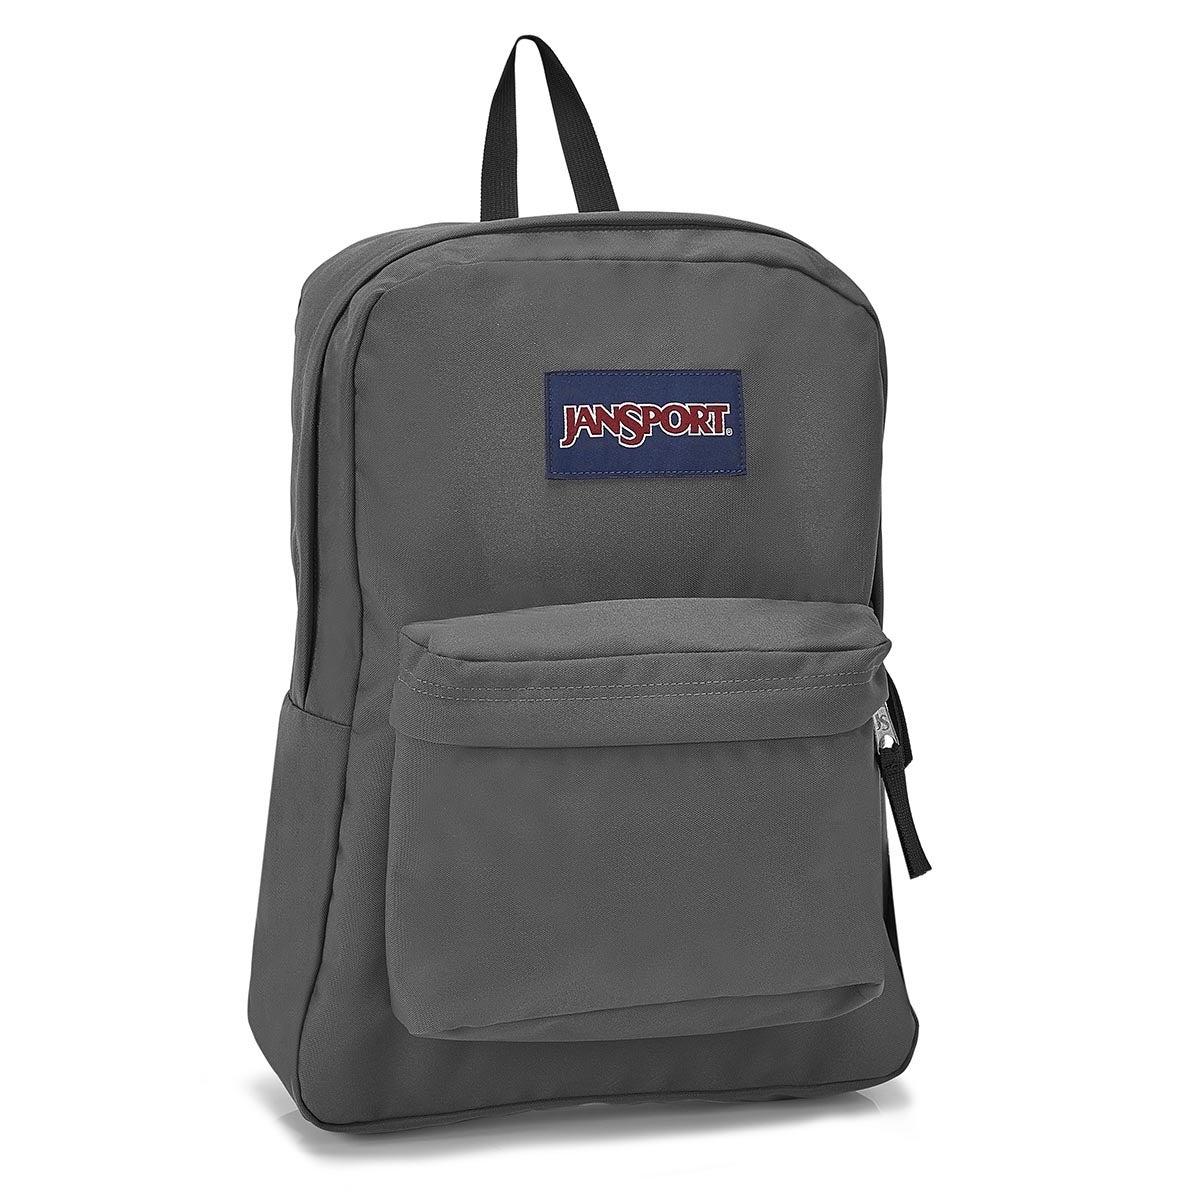 Jansport Superbreak grey backpack